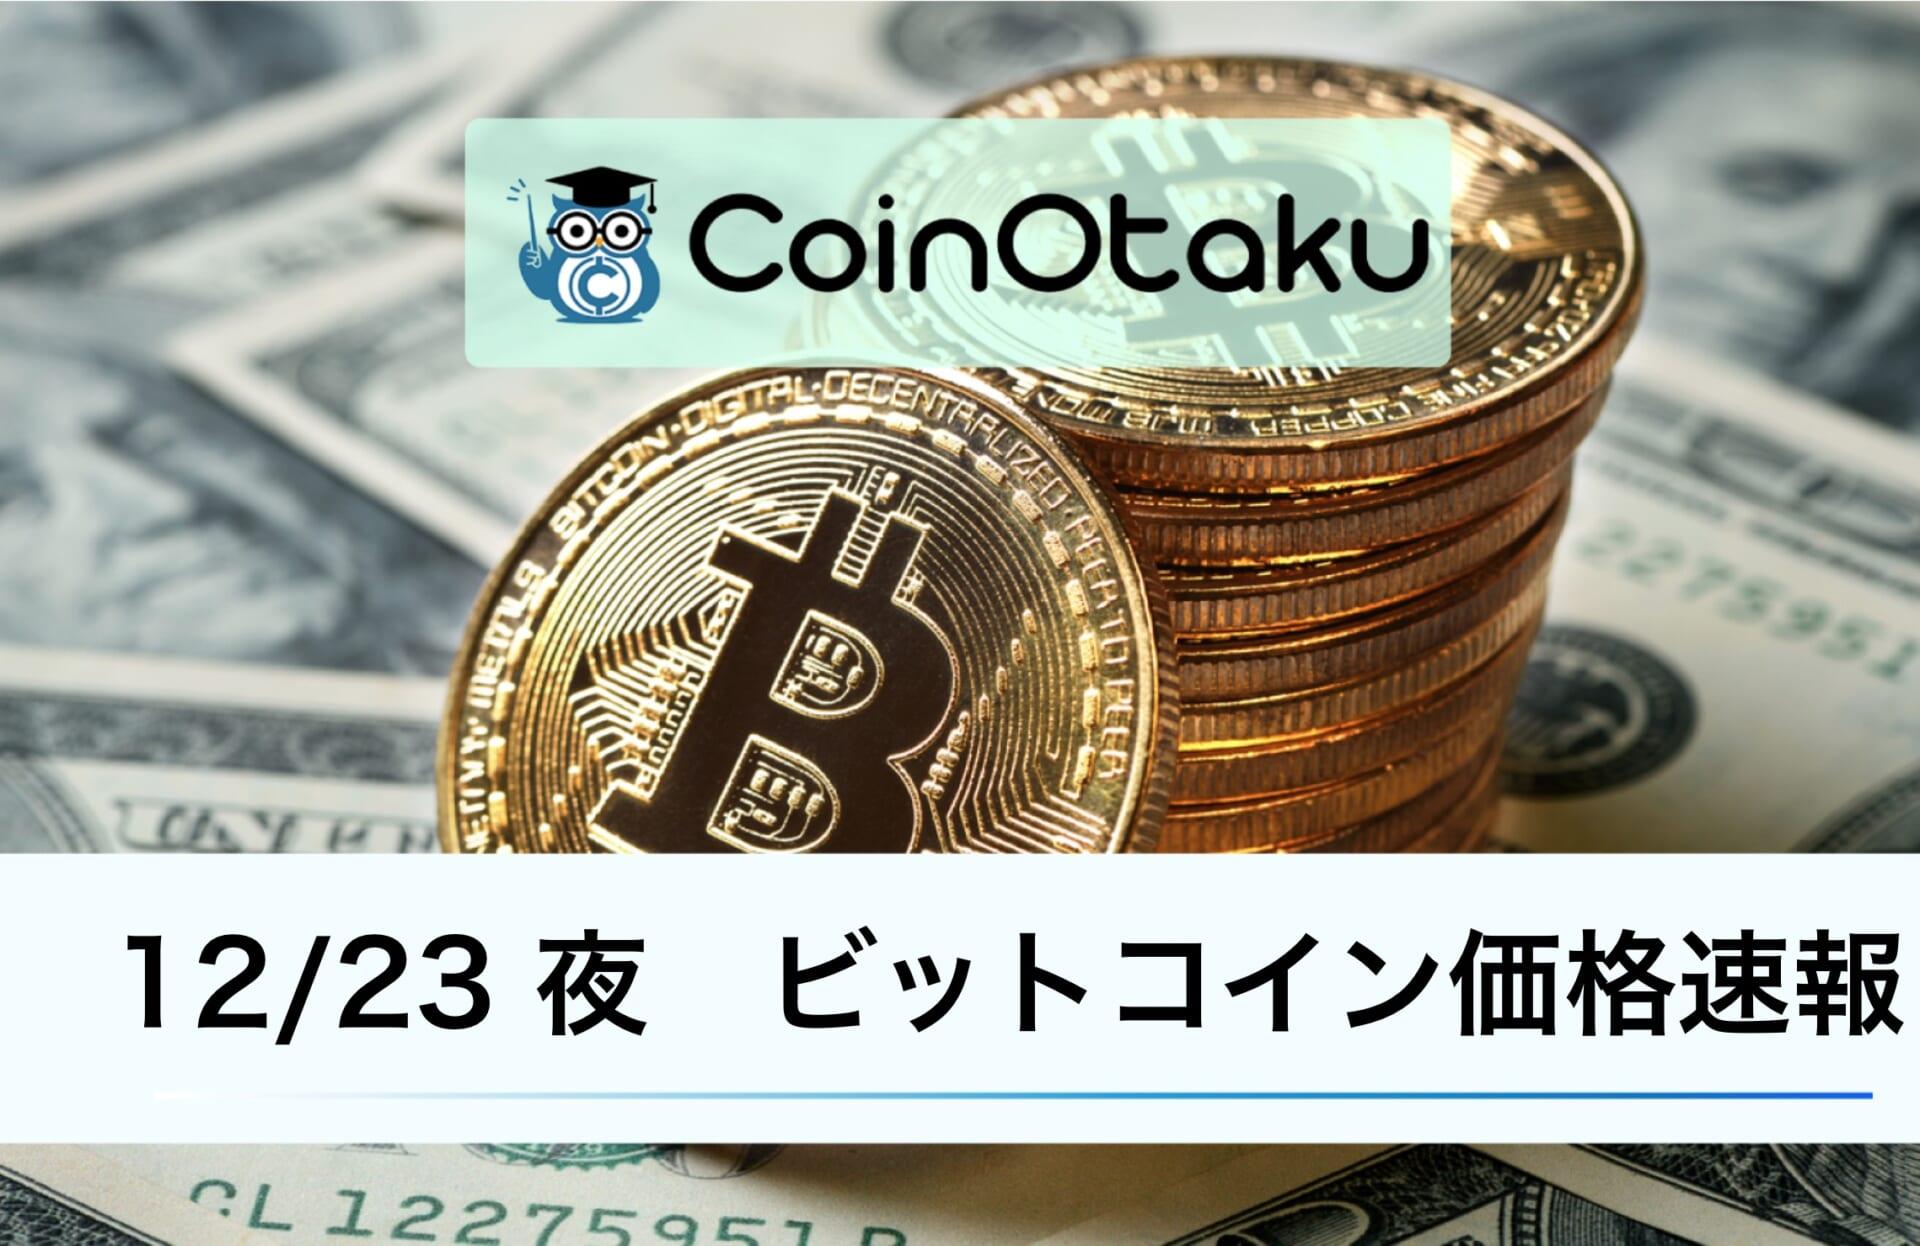 仮想通貨ビットコイン万円到達は年と予想=ブルームバーグ